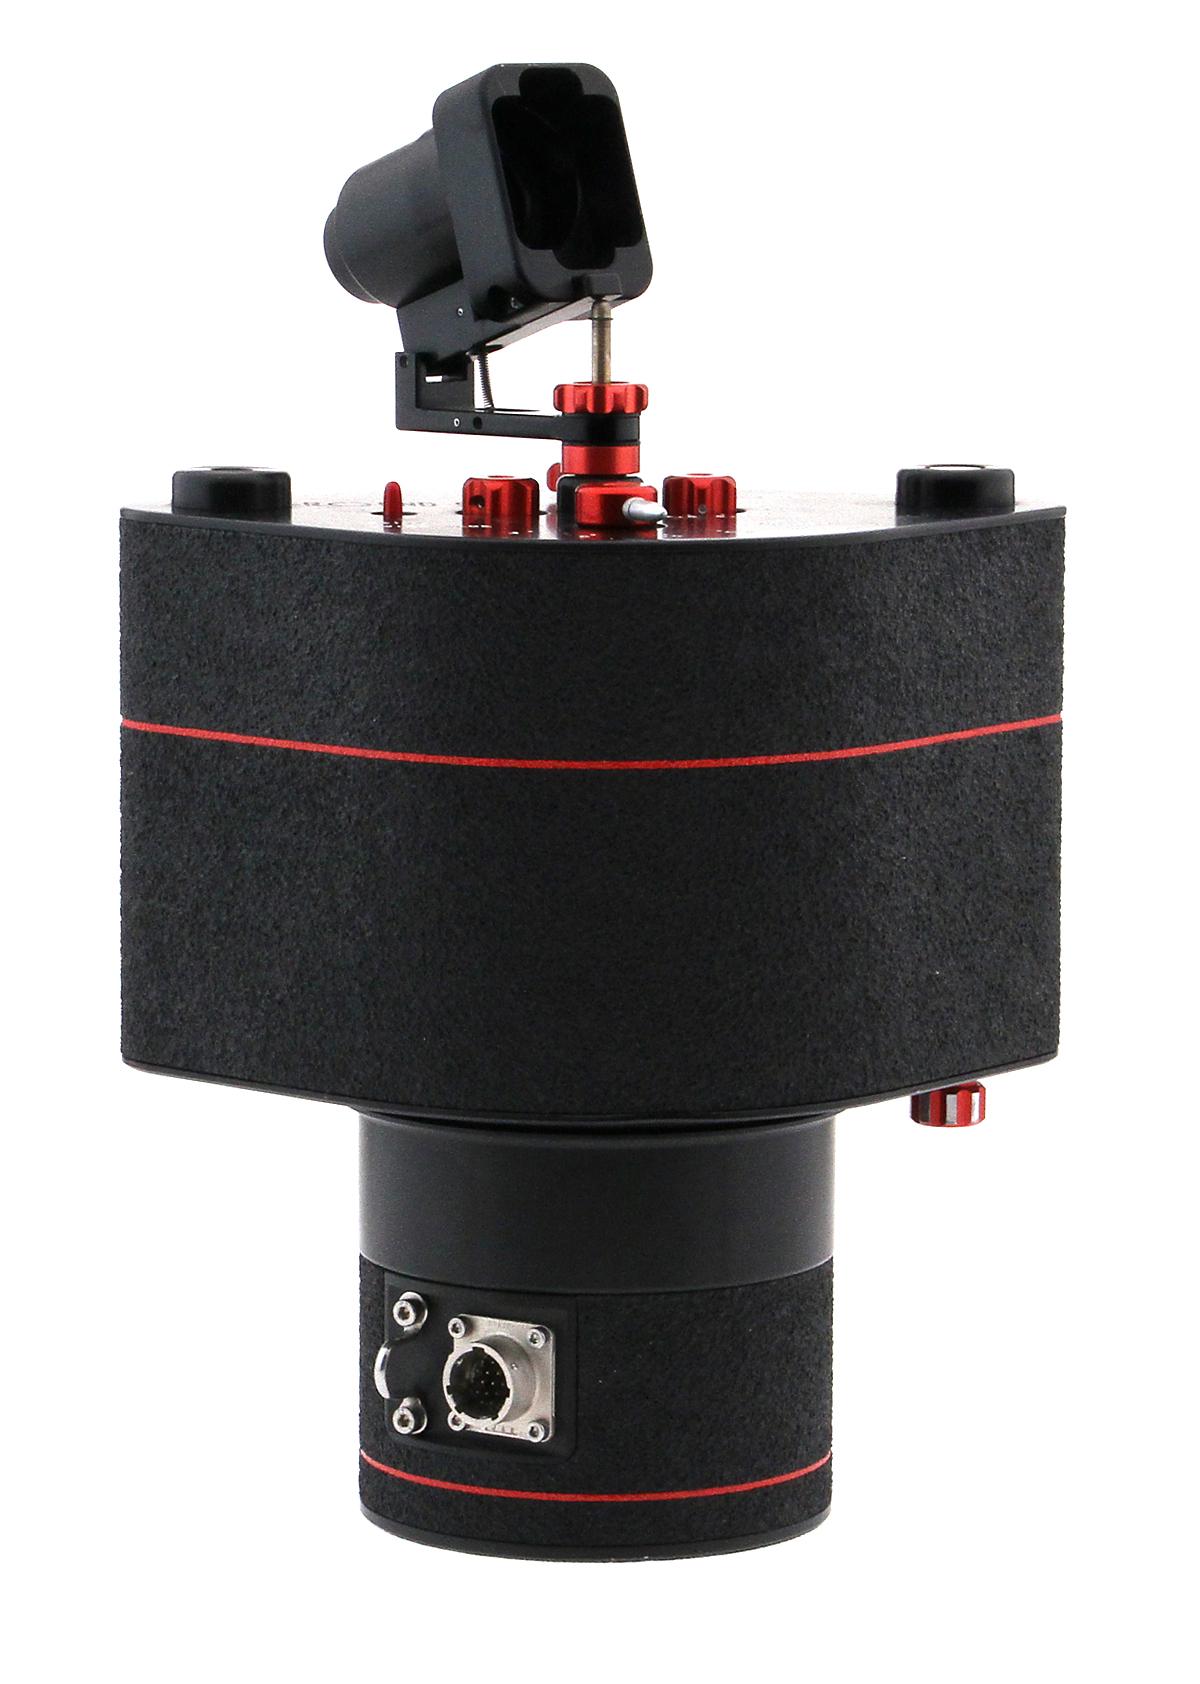 Roundshot 65-EL Camera Used